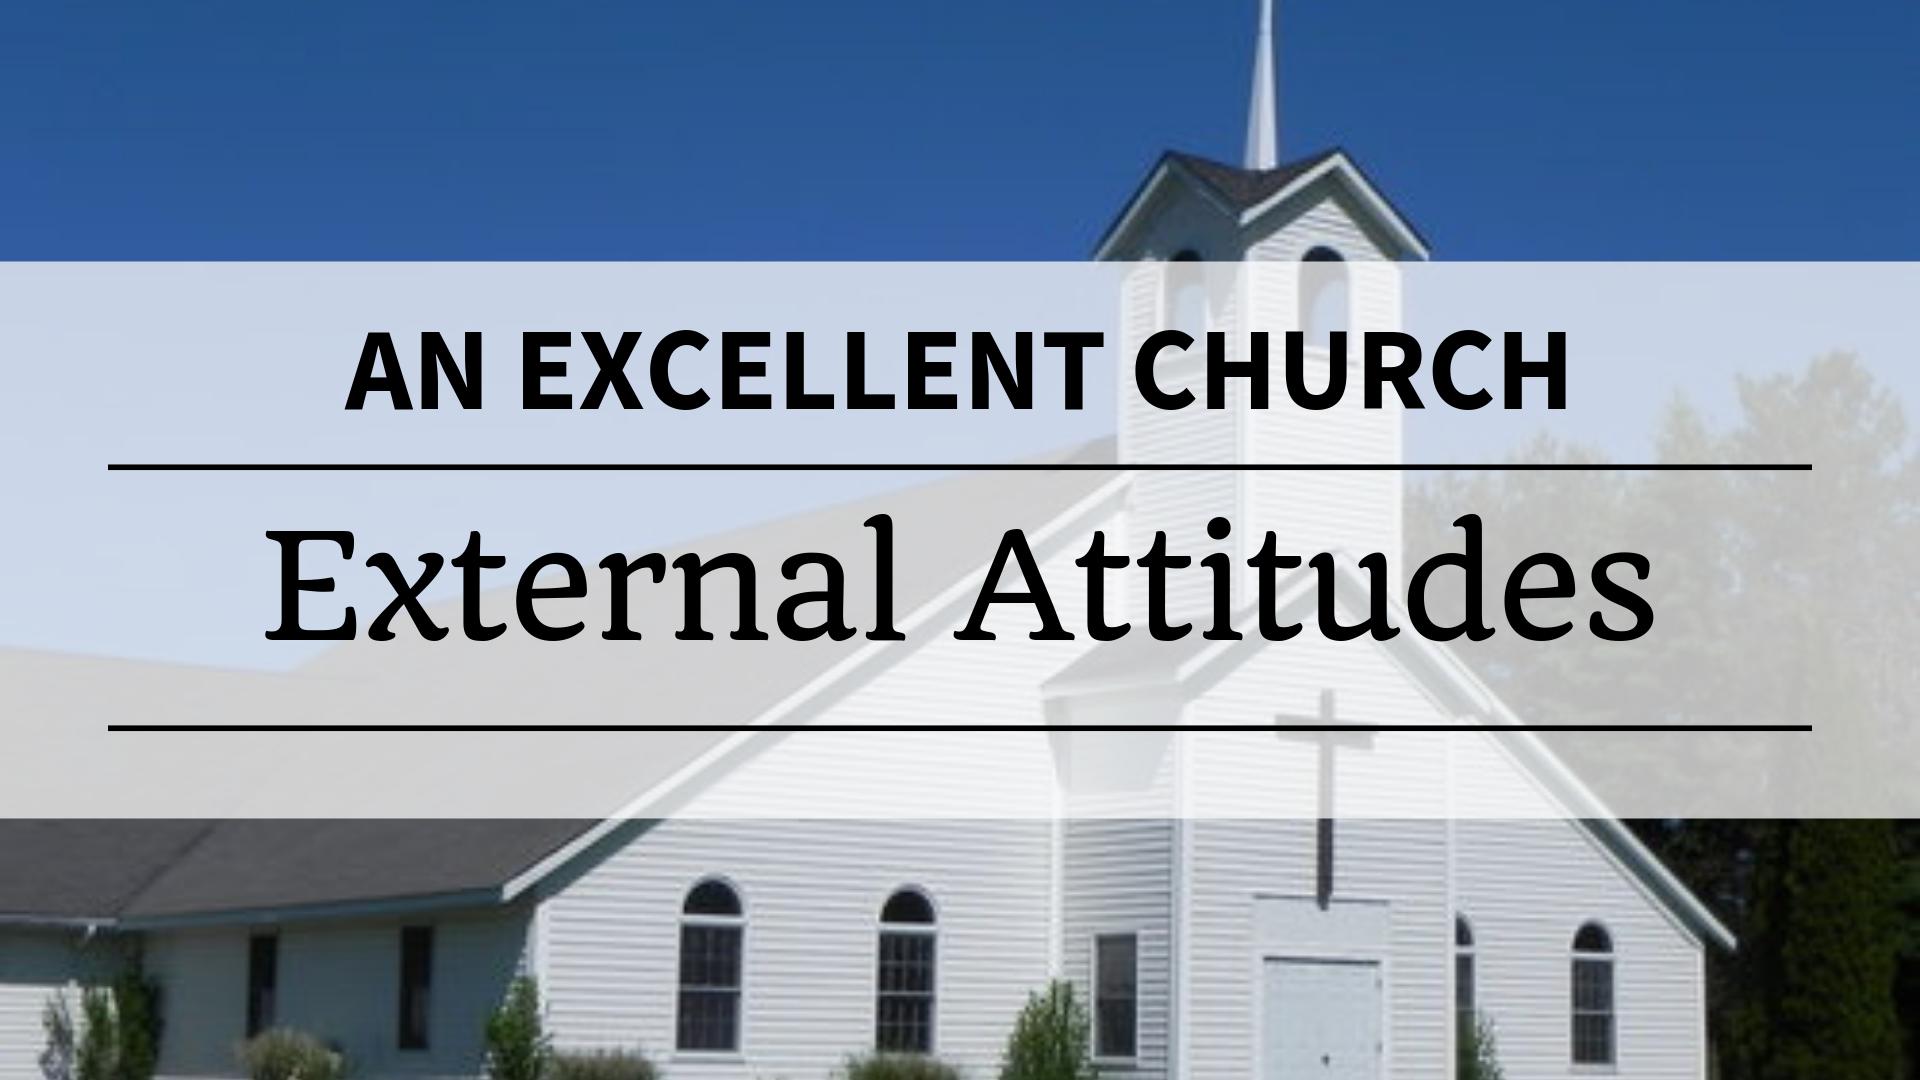 An excellent church (1).png